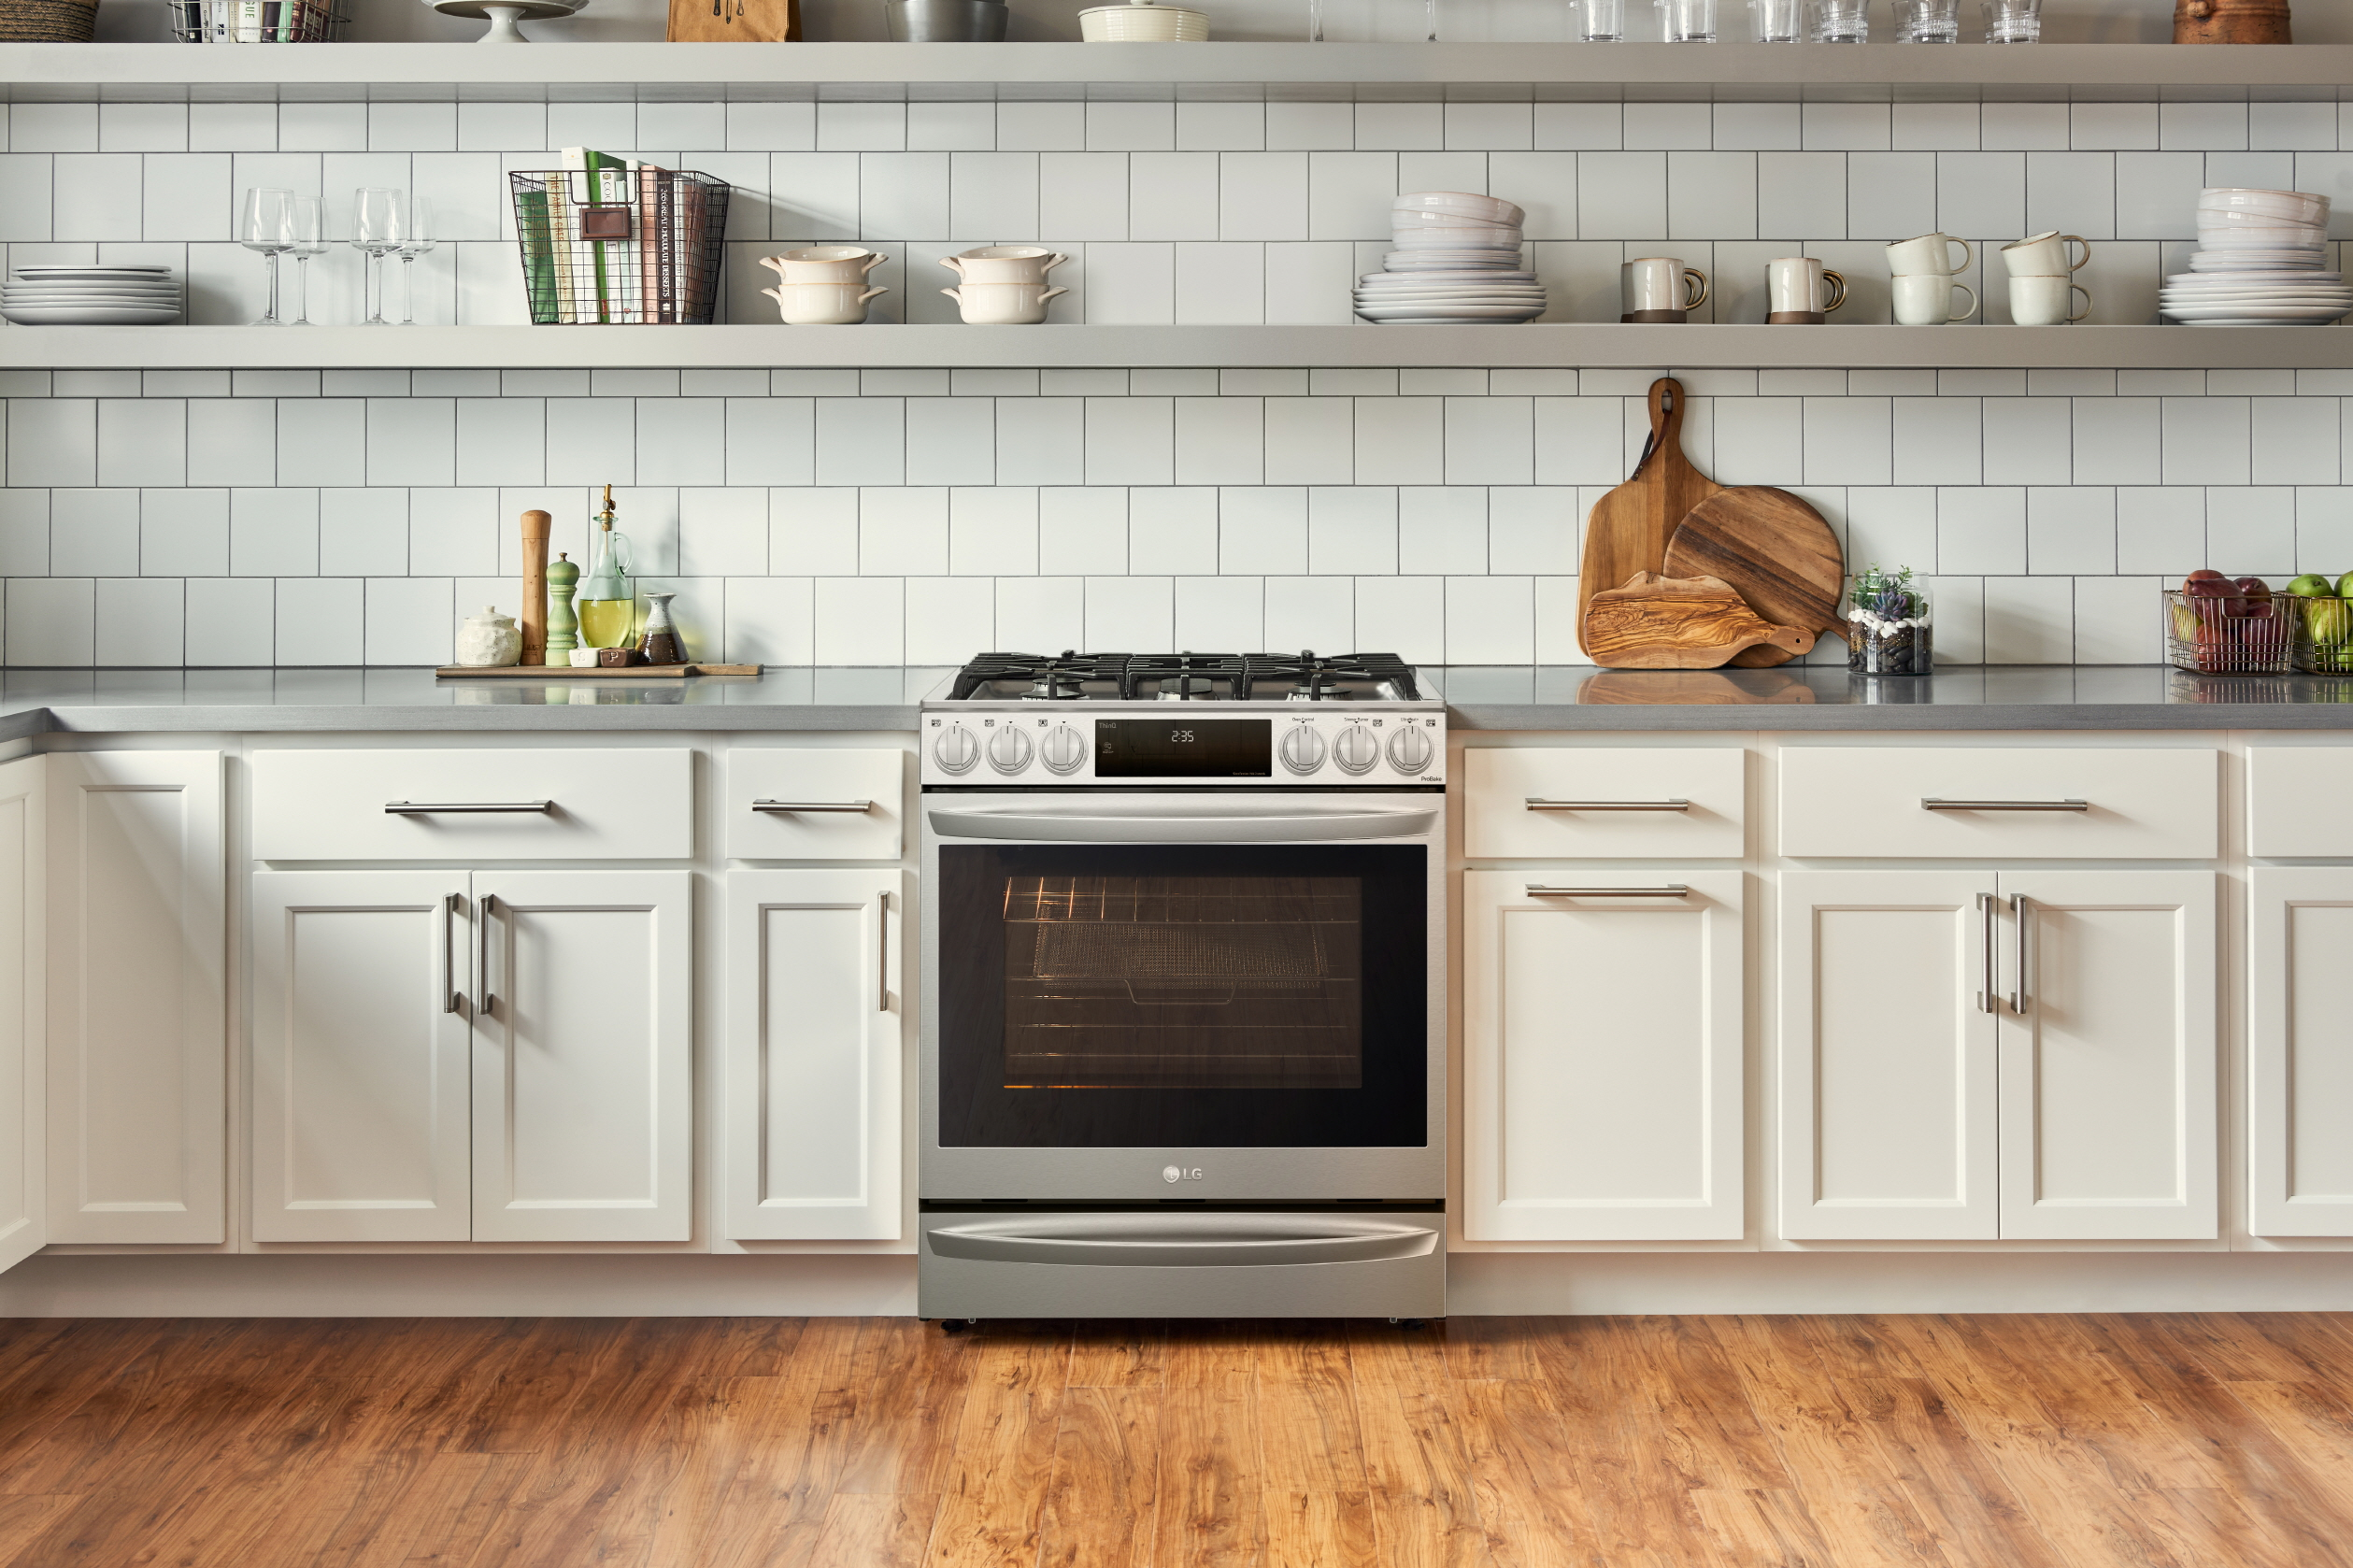 La gama instaview® de LG con Air Sous Vide es la cocina que los gourmets del hogar han esperado